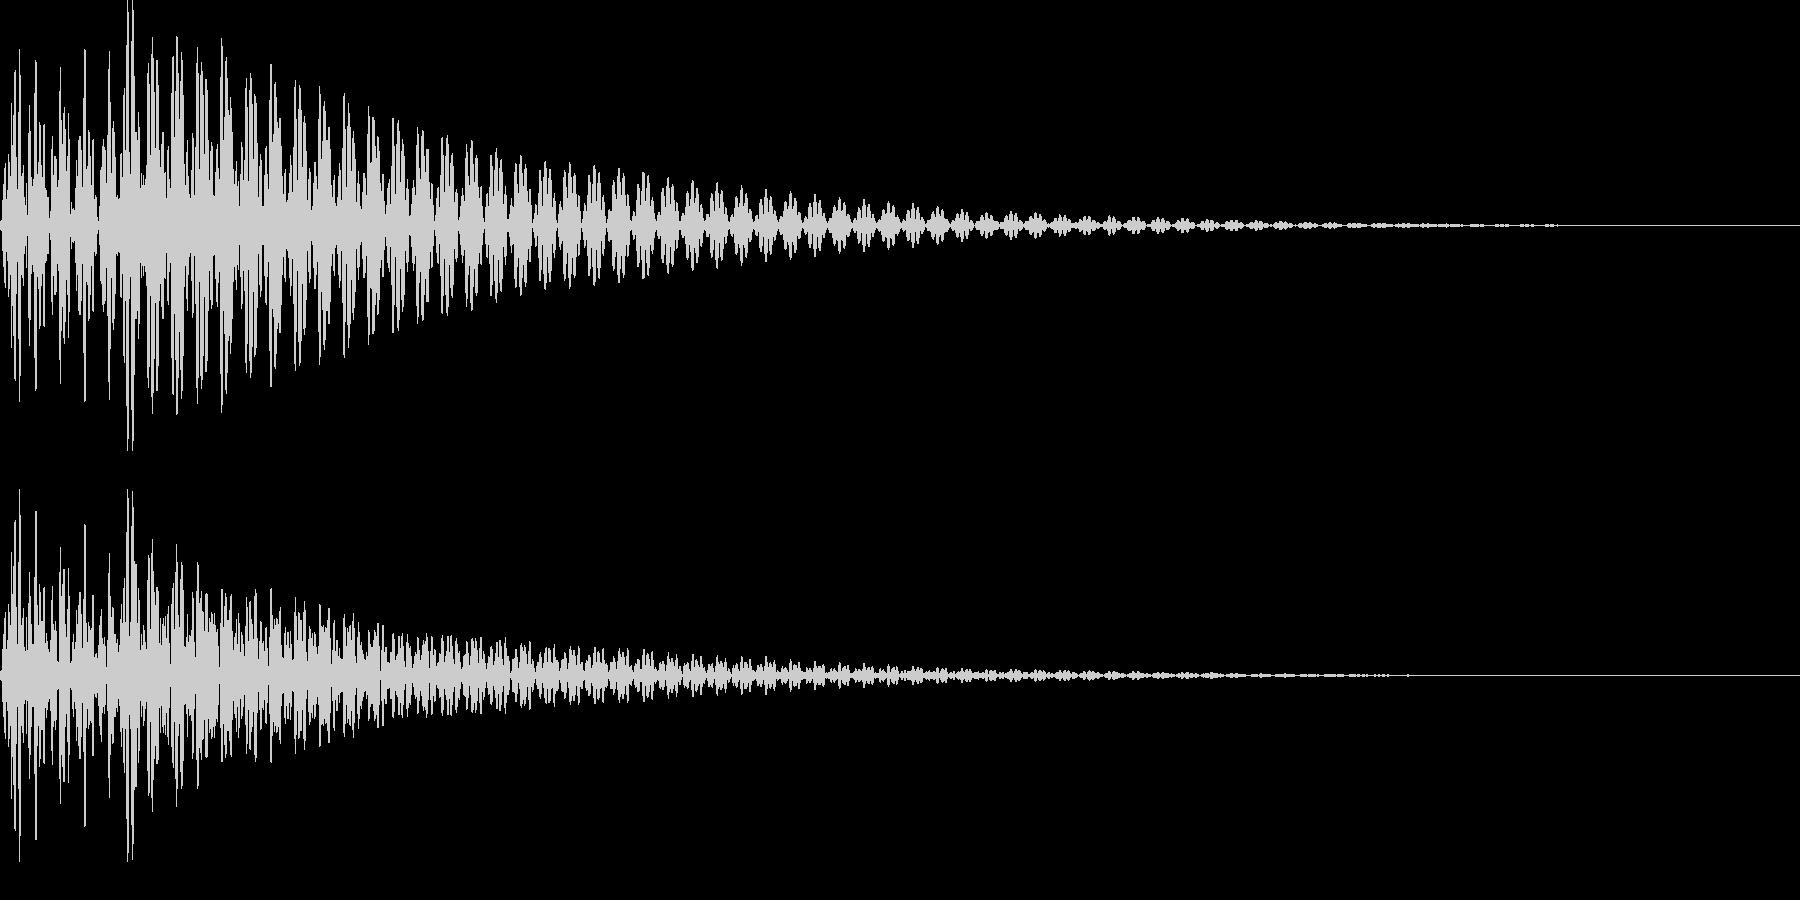 デデーン(がっかり、ハープ、ミス)の未再生の波形